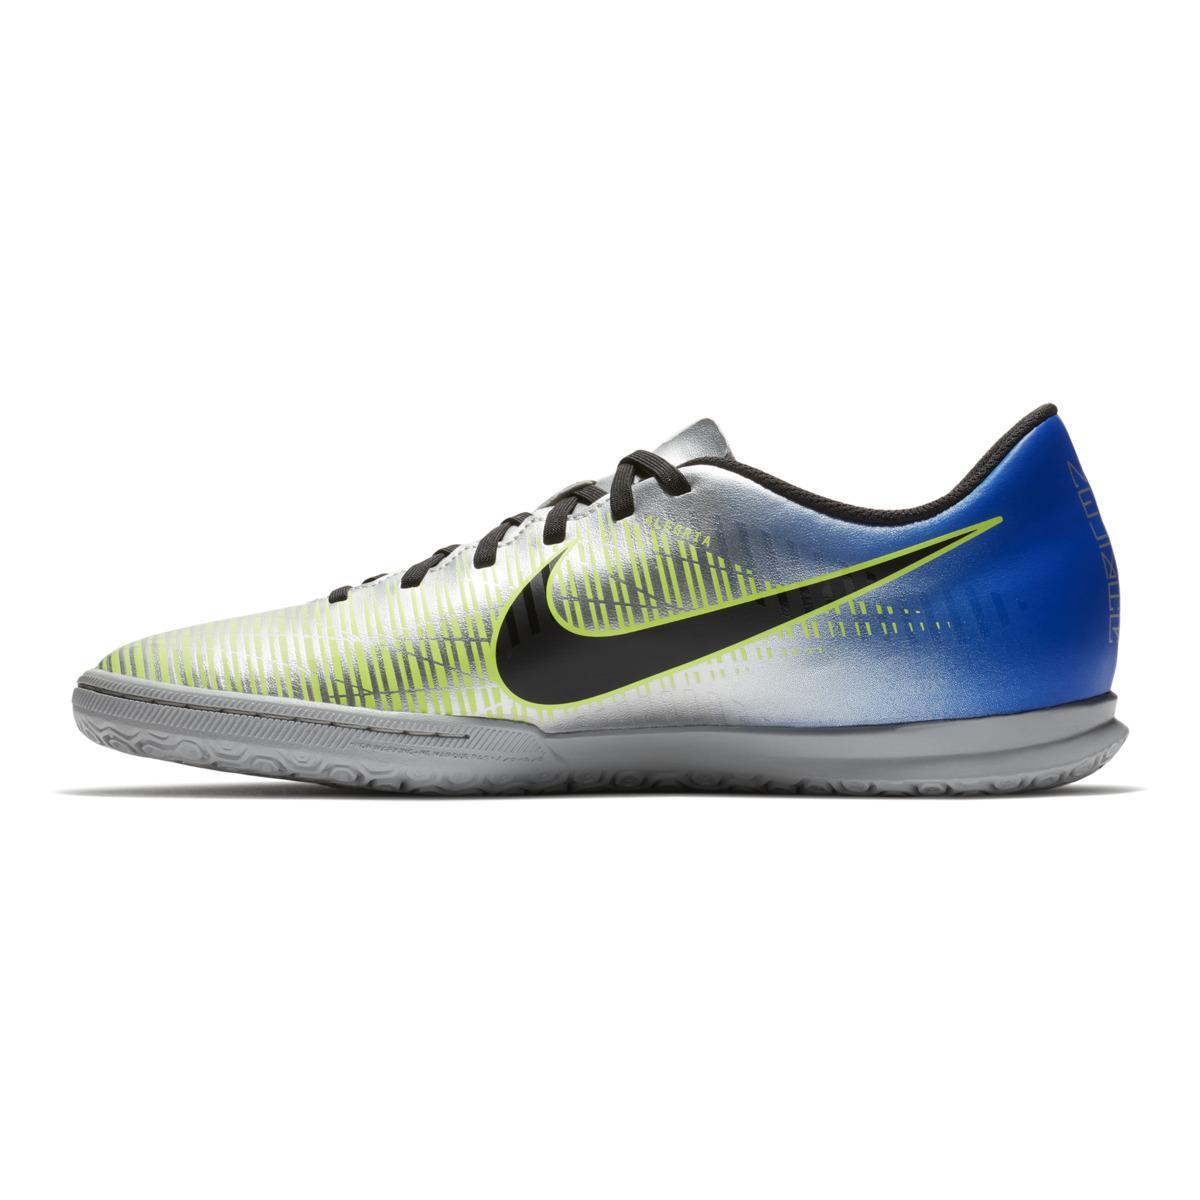 f300ea95257 Nike Neymar Jr. Indoor Football Boots Mercurialx Vortex Iii (ic) in ...